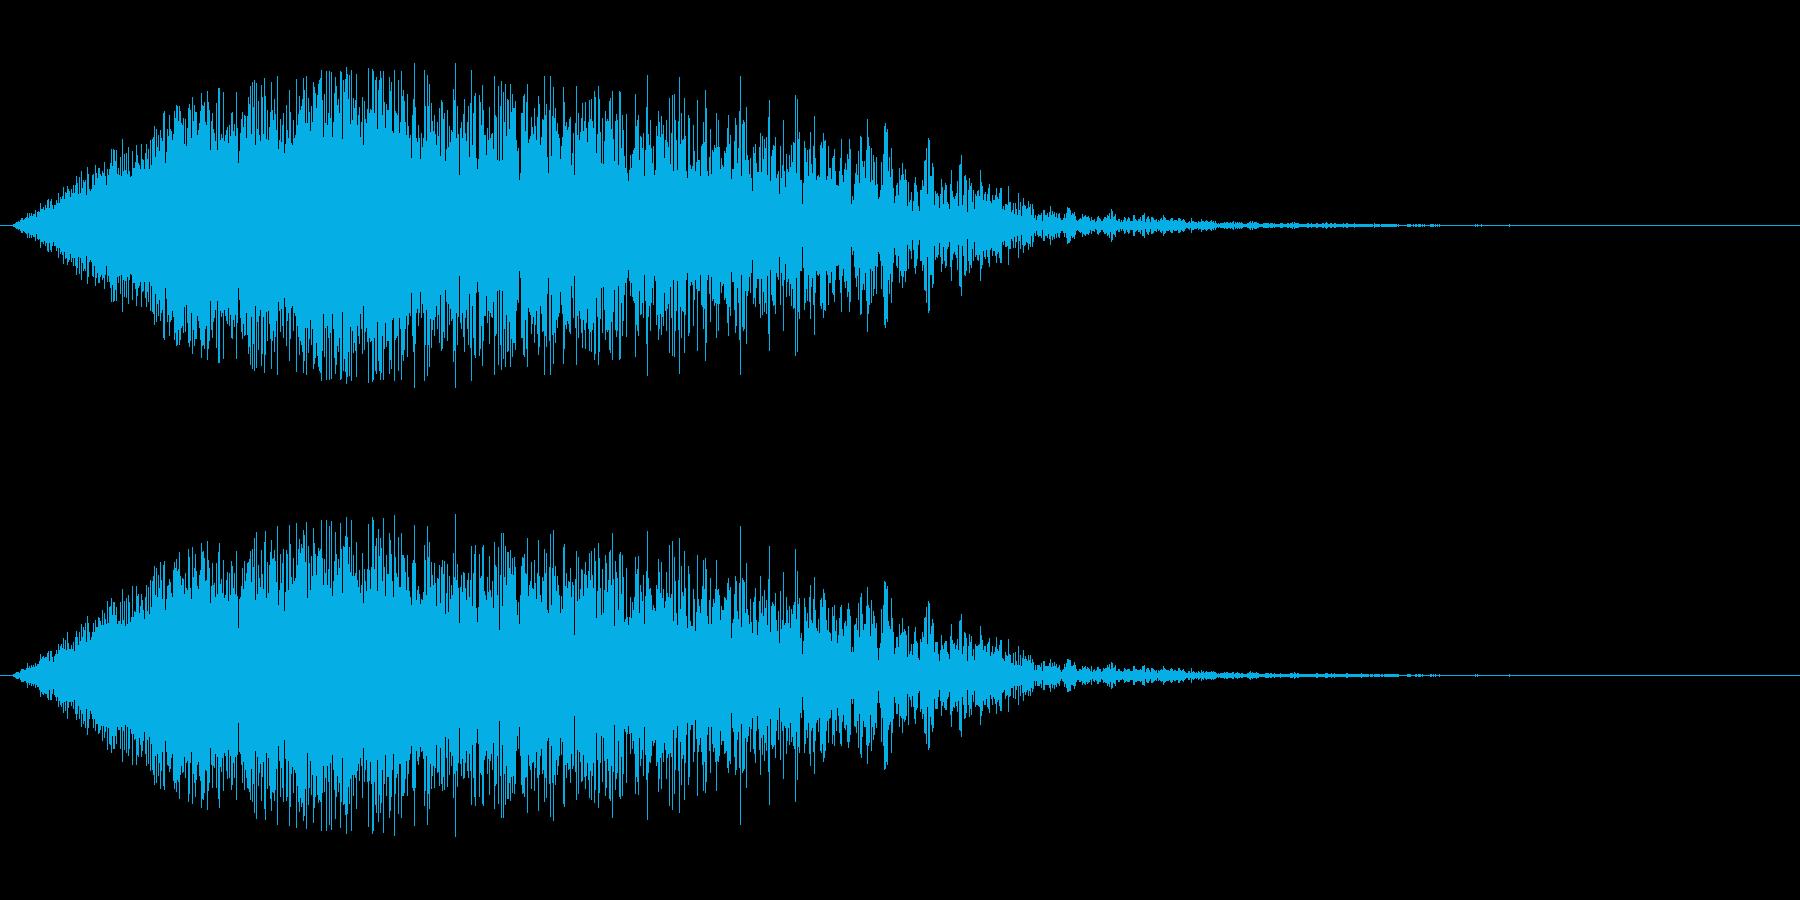 シュワワワ(ダウン)の再生済みの波形